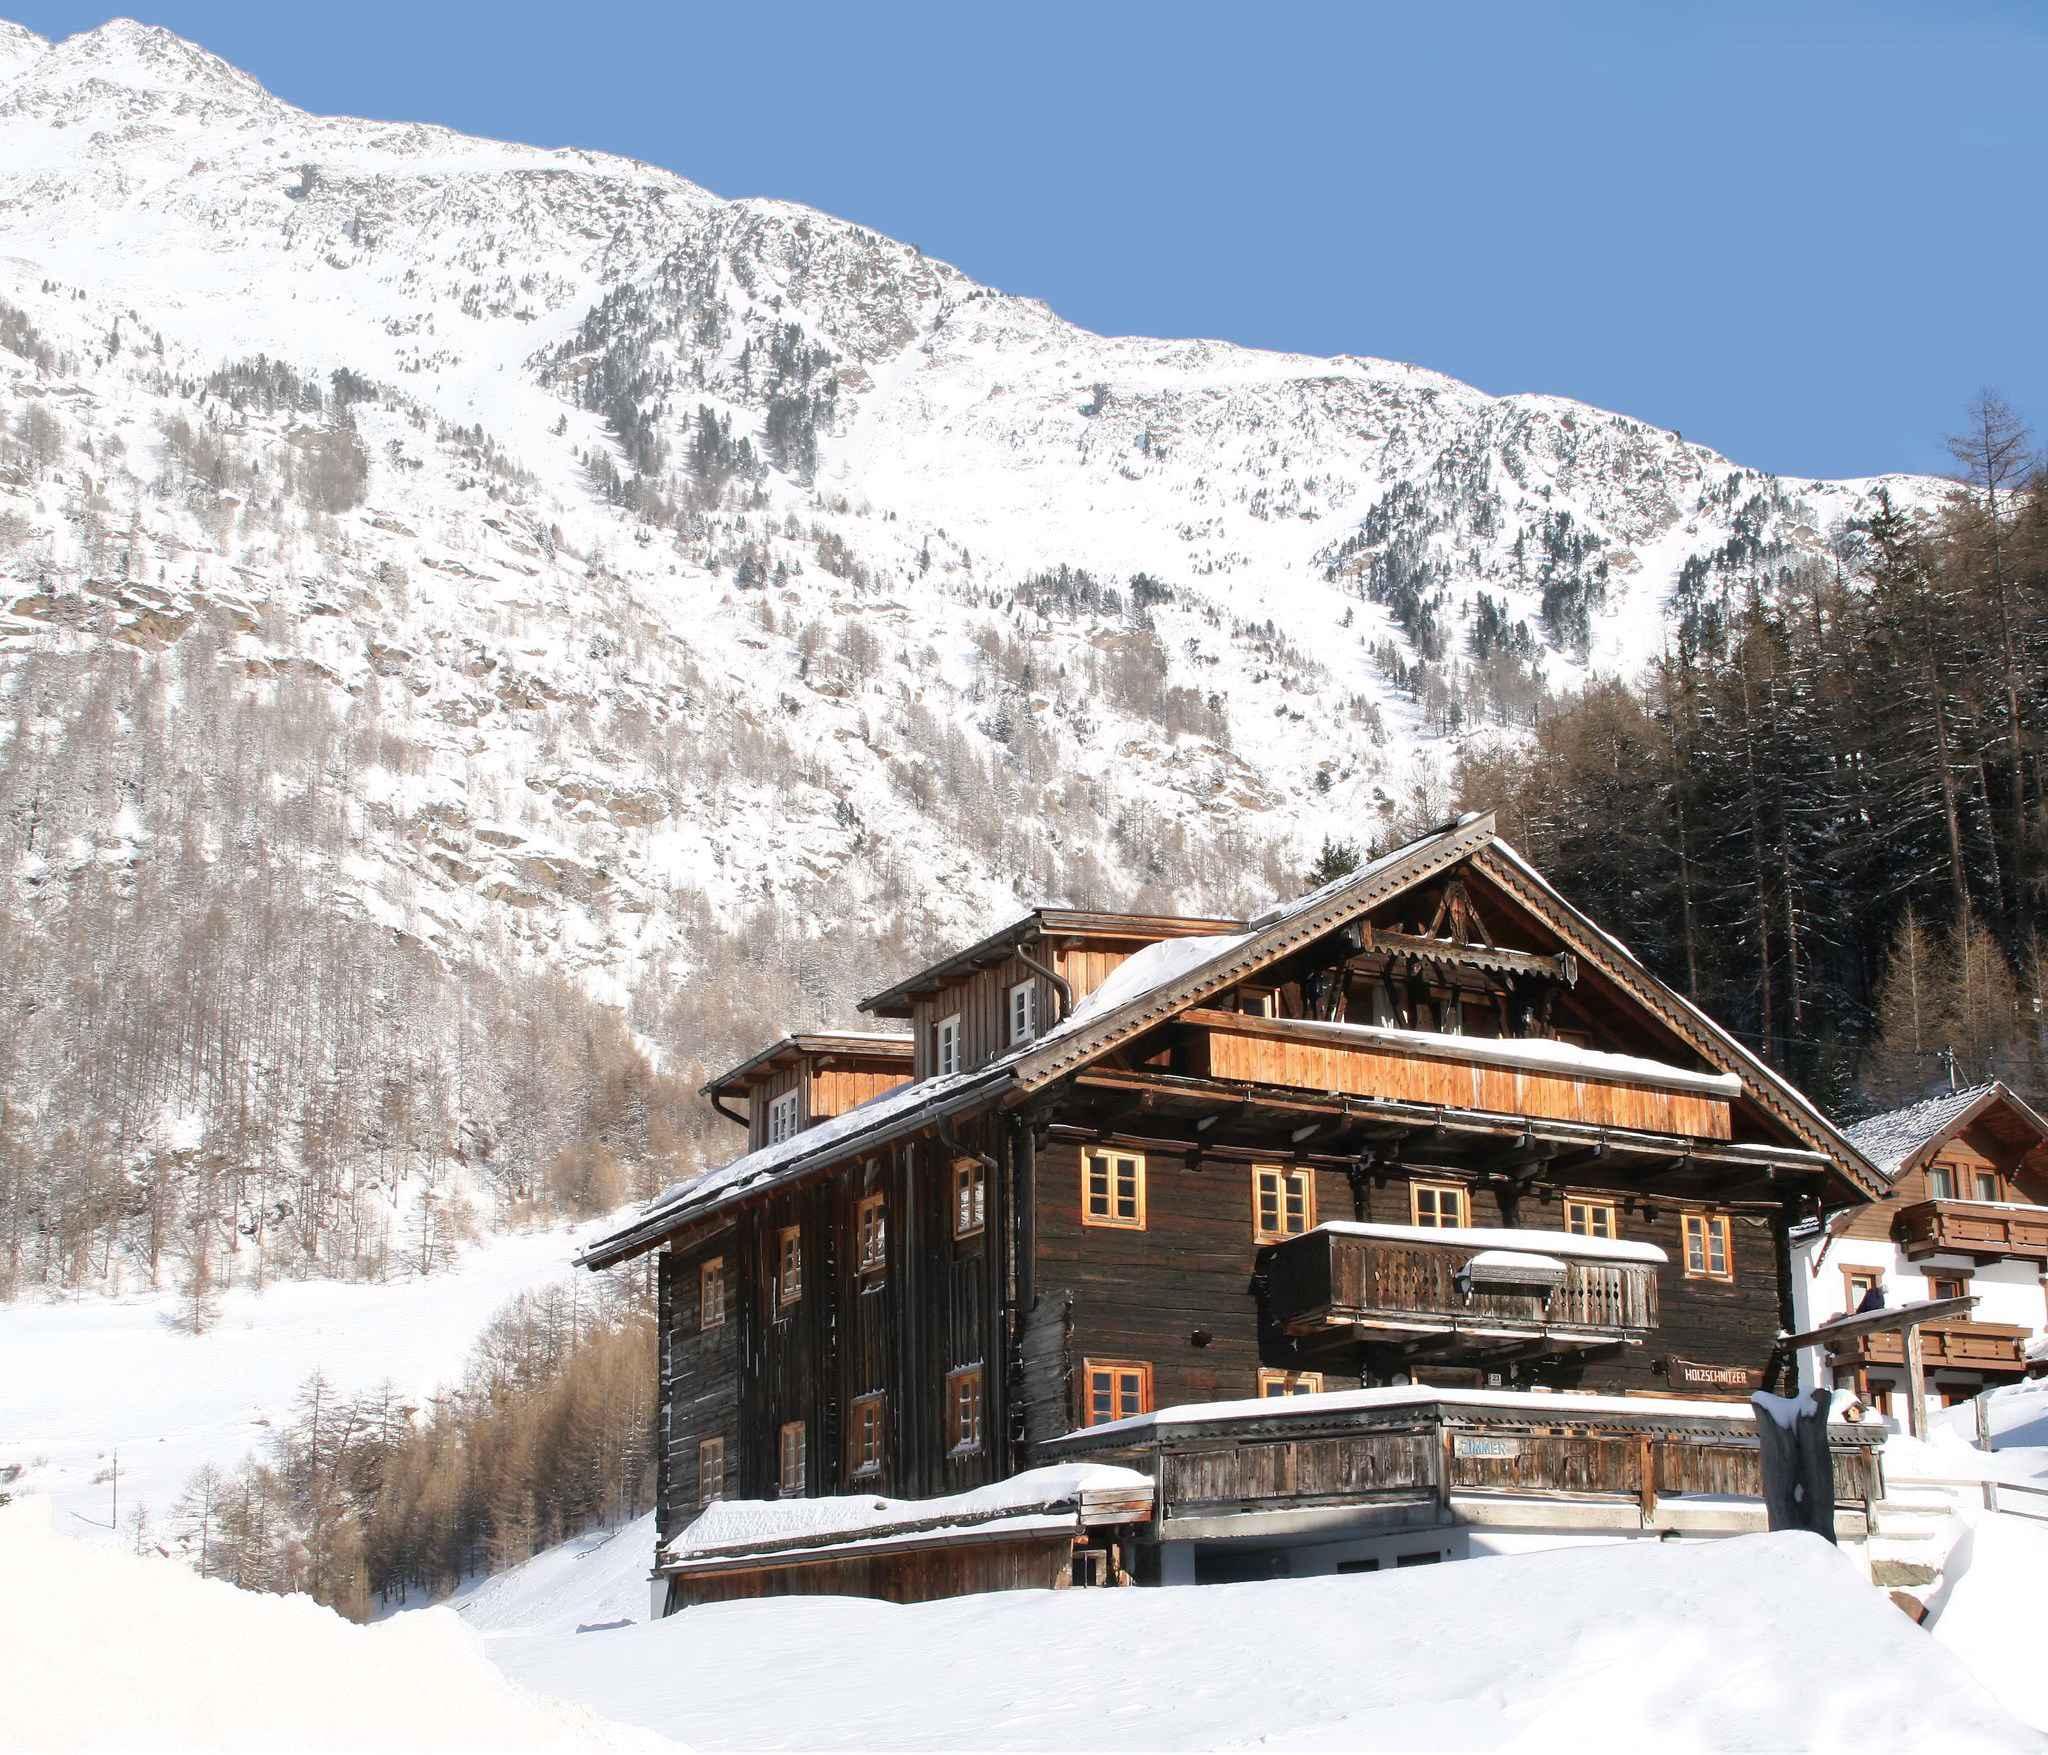 Ferienwohnung in einem über 300 Jahre alten Holzhaus (283708), Sölden (AT), Ötztal, Tirol, Österreich, Bild 5